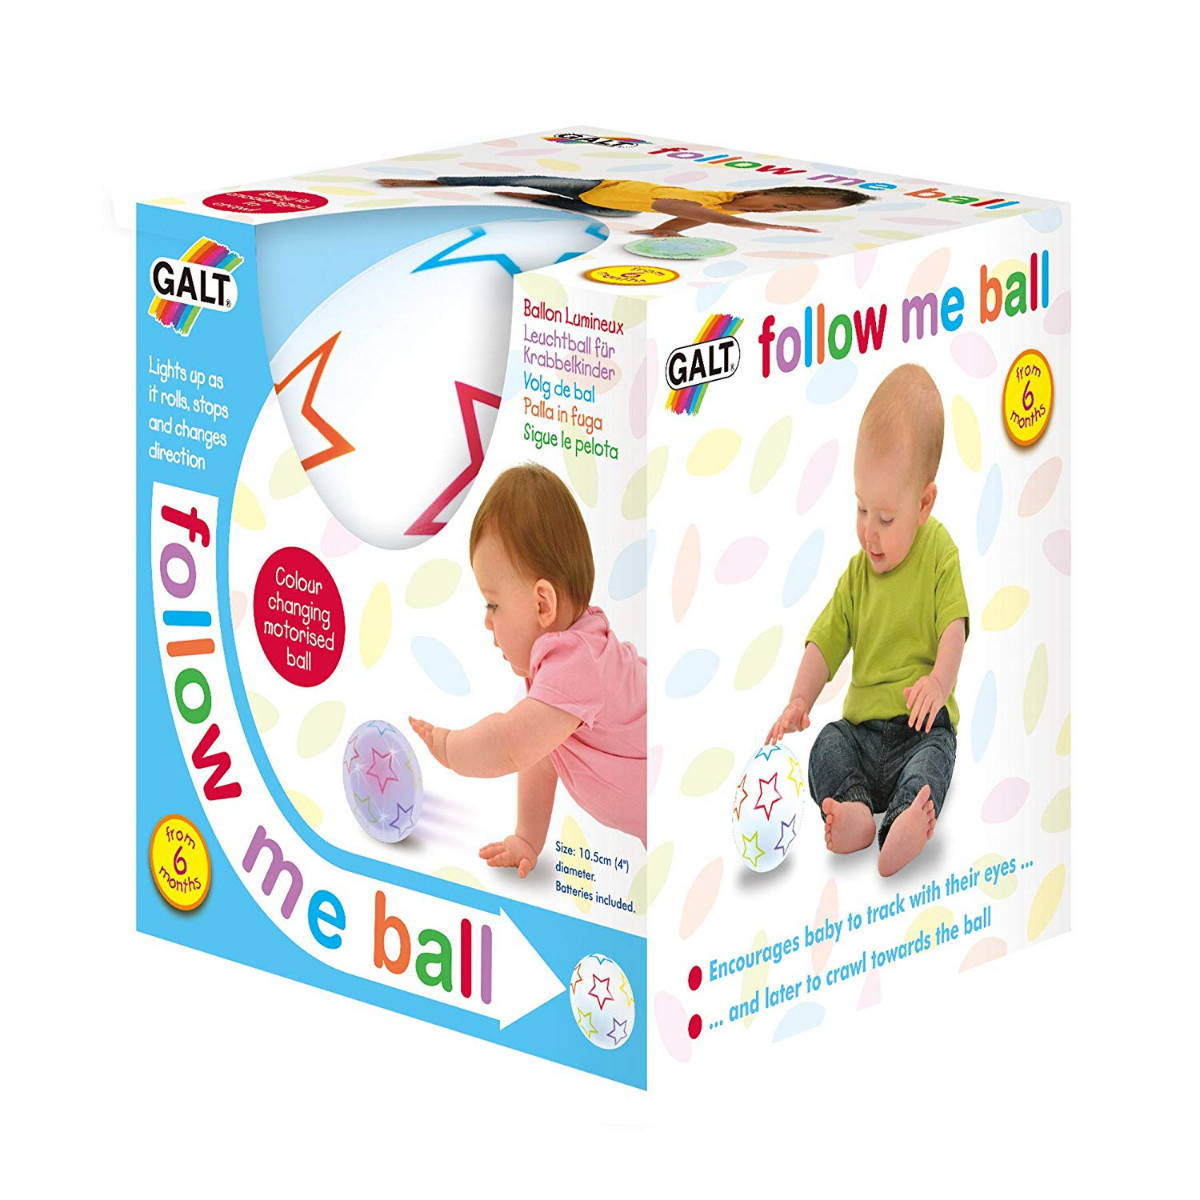 Volg Follow me ball